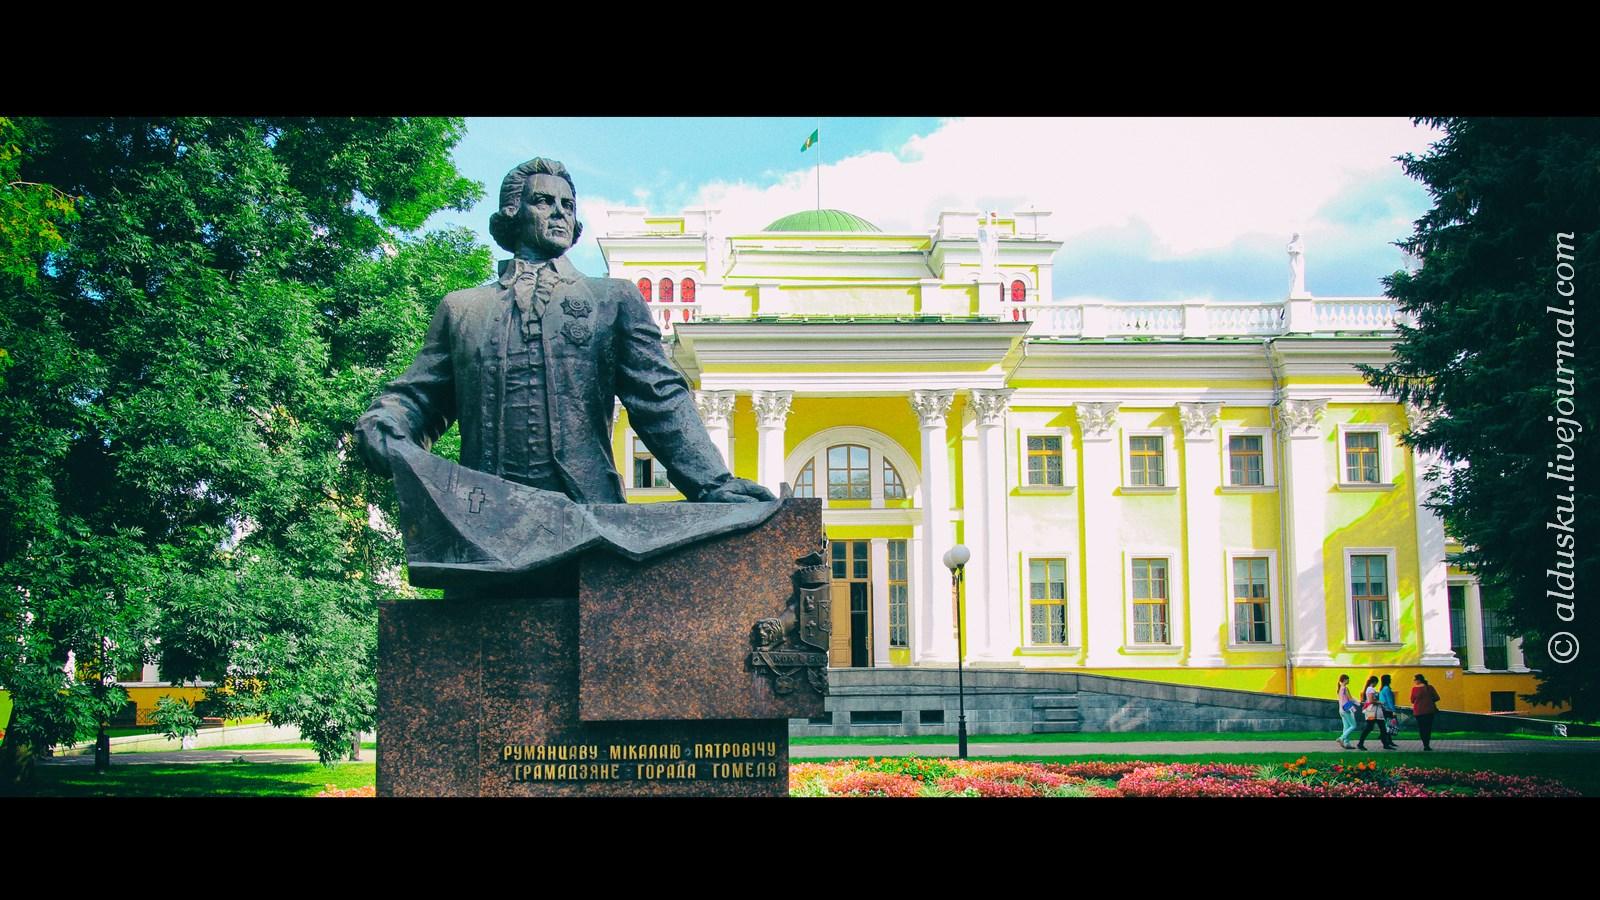 Памятник Н.П. Румянцеву на фоне дворца